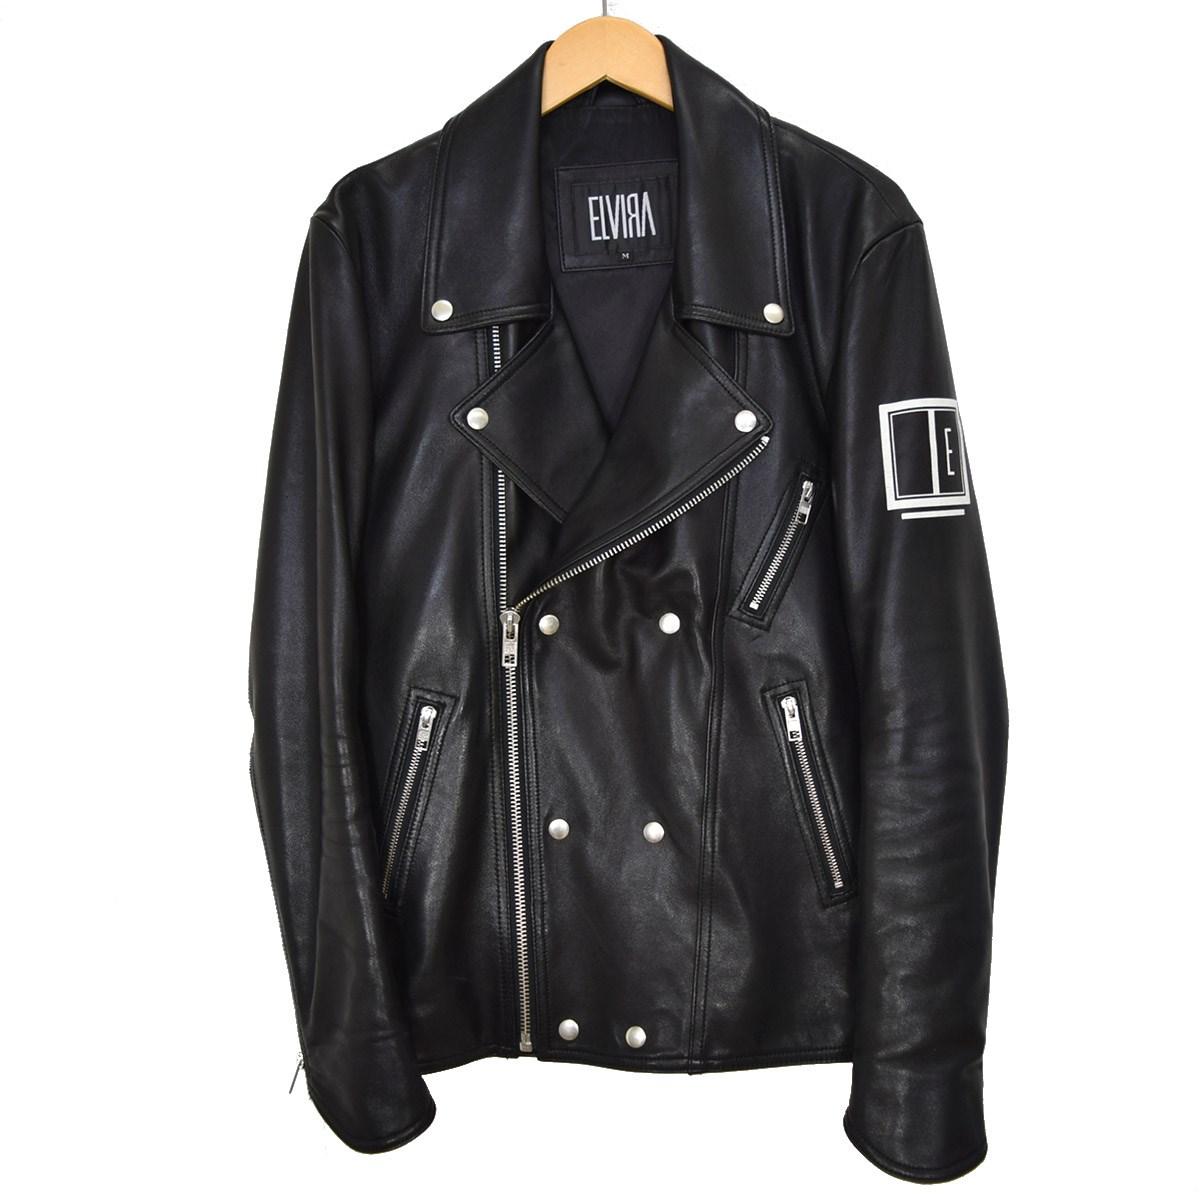 【中古】ELVIRA ダブルライダースジャケット ブルゾン ブラック サイズ:M 【300820】(エルビラ)